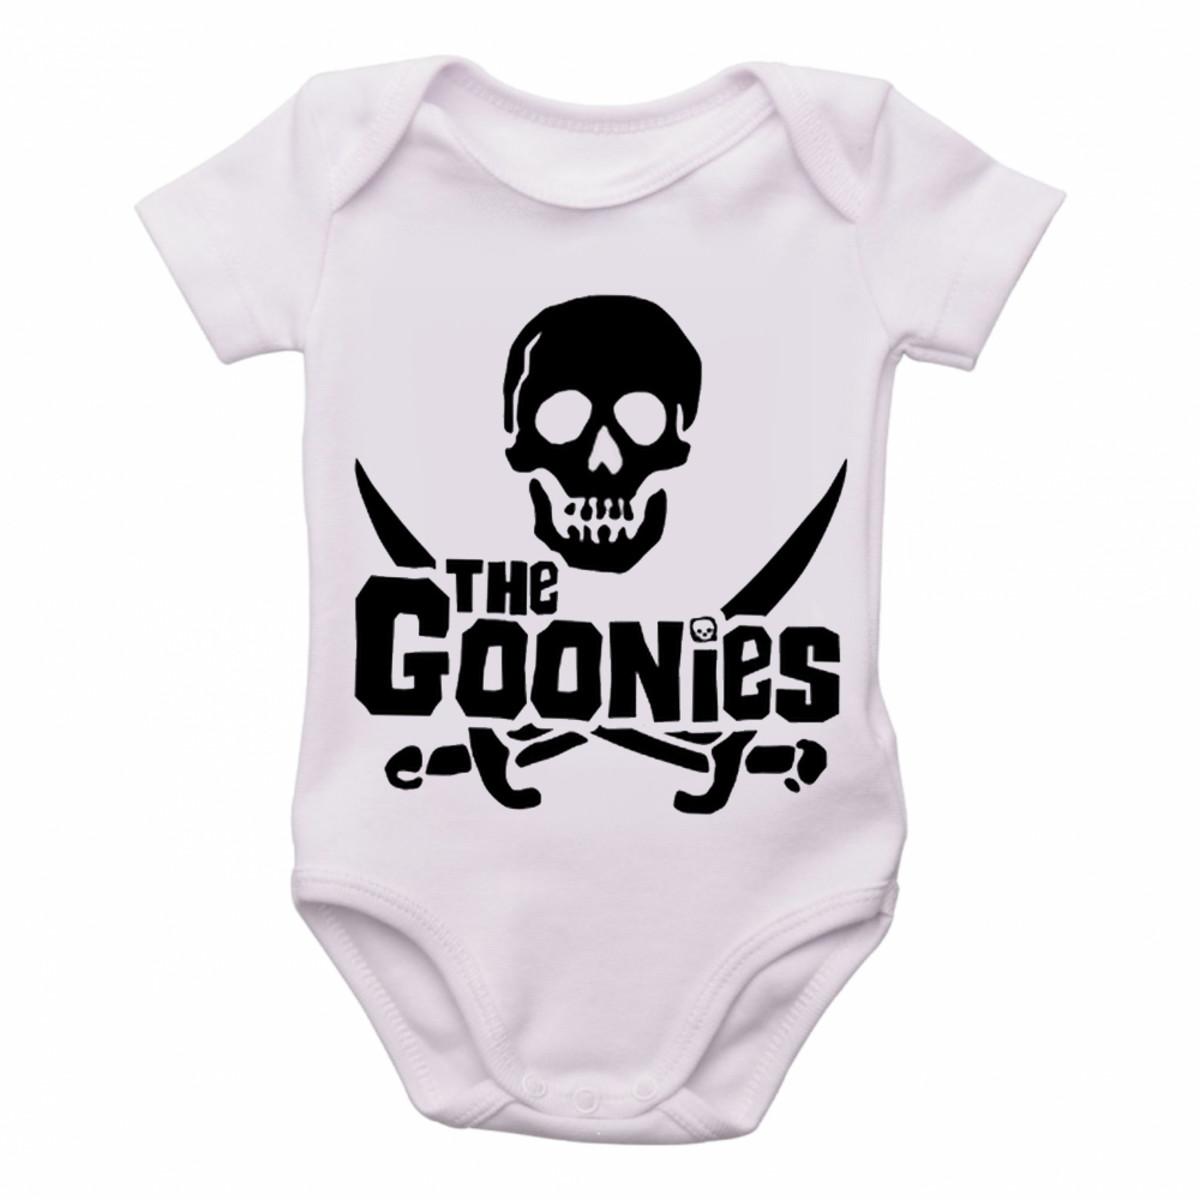 2d365ec67f Body Bebê Roupa Infantil Criança The Goonies caveira pirata no Elo7 ...